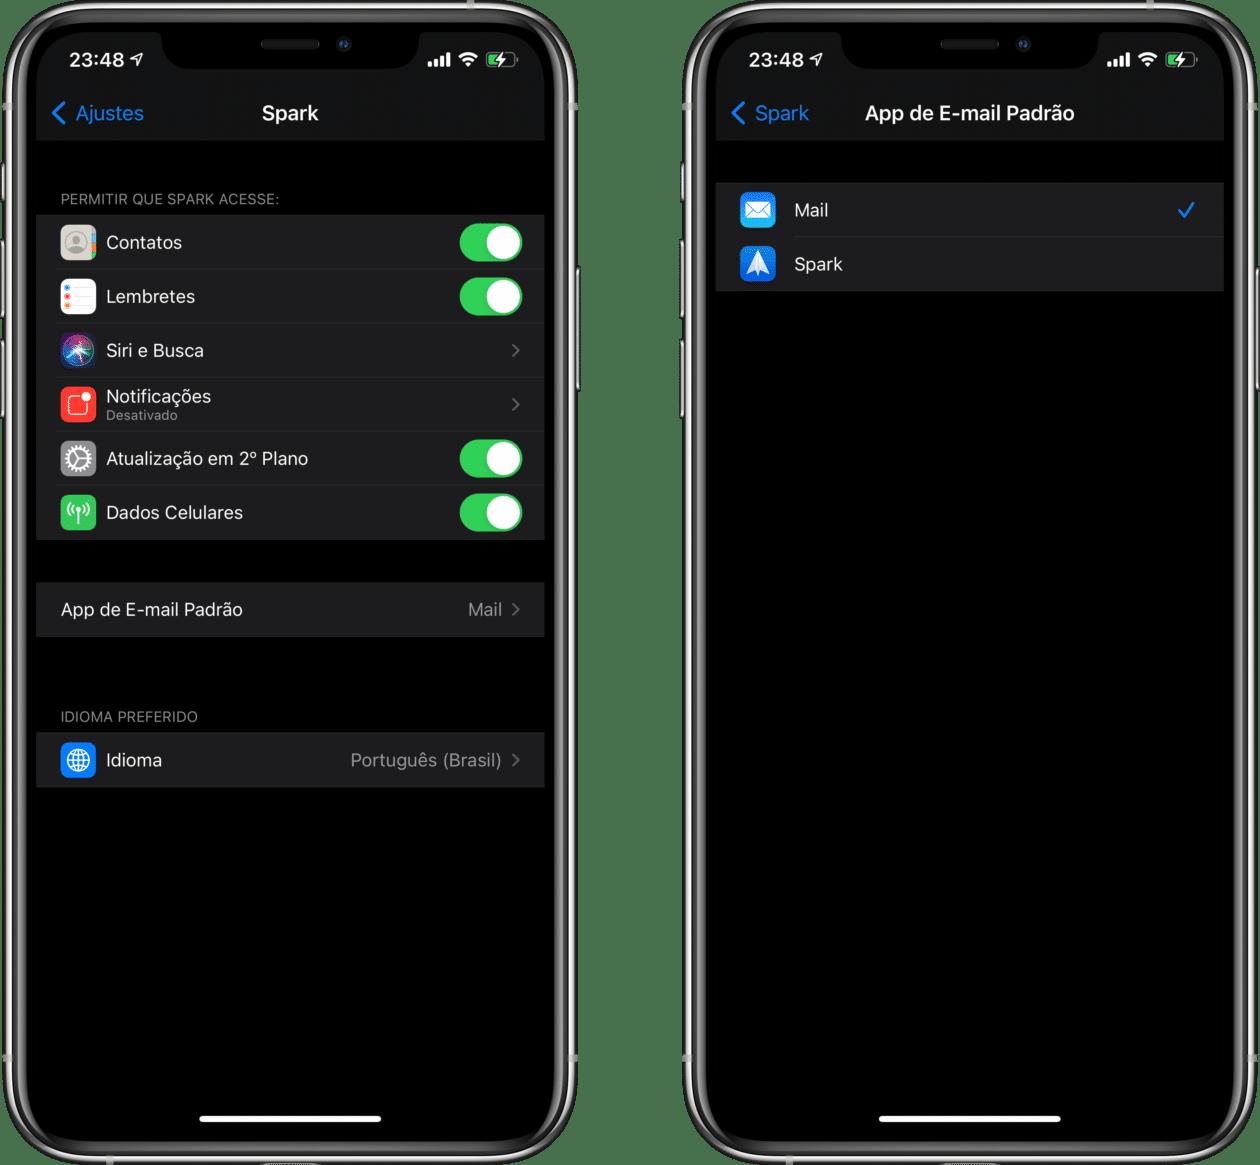 Atualização do Spark para o iOS/iPadOS 14